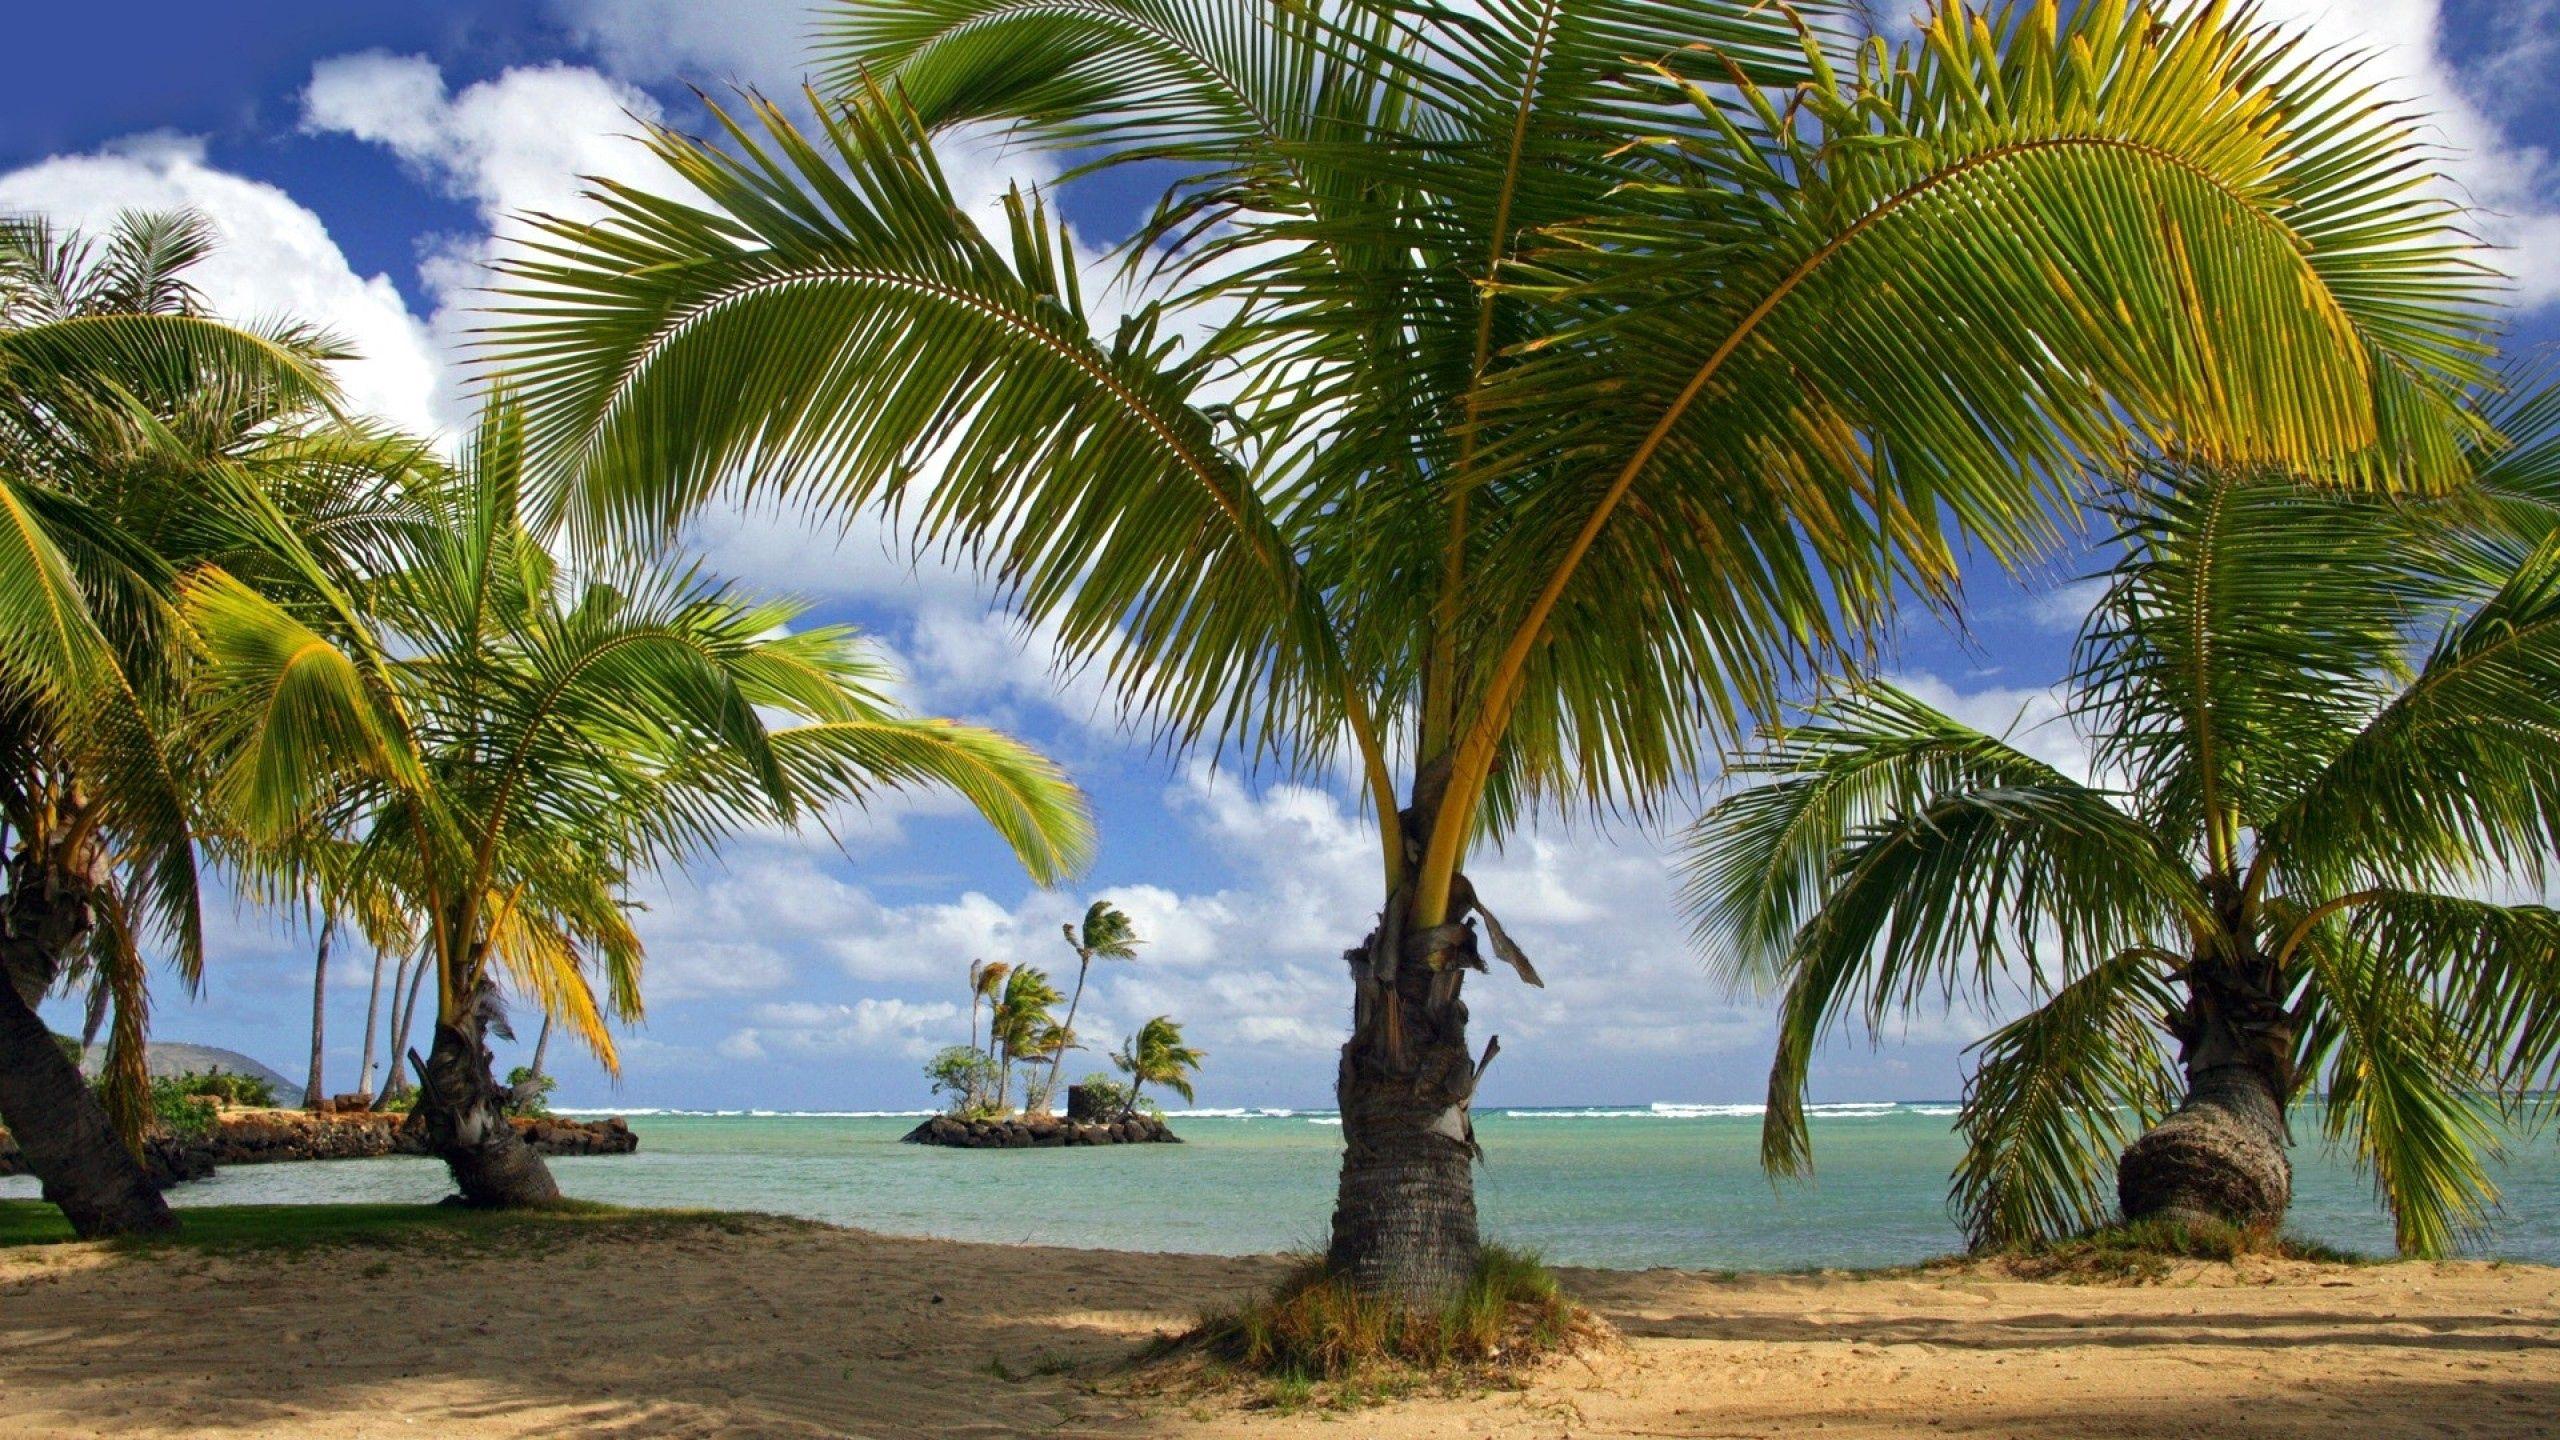 97042 Заставки и Обои Песок на телефон. Скачать Природа, Пляж, Море, Песок, Лето картинки бесплатно